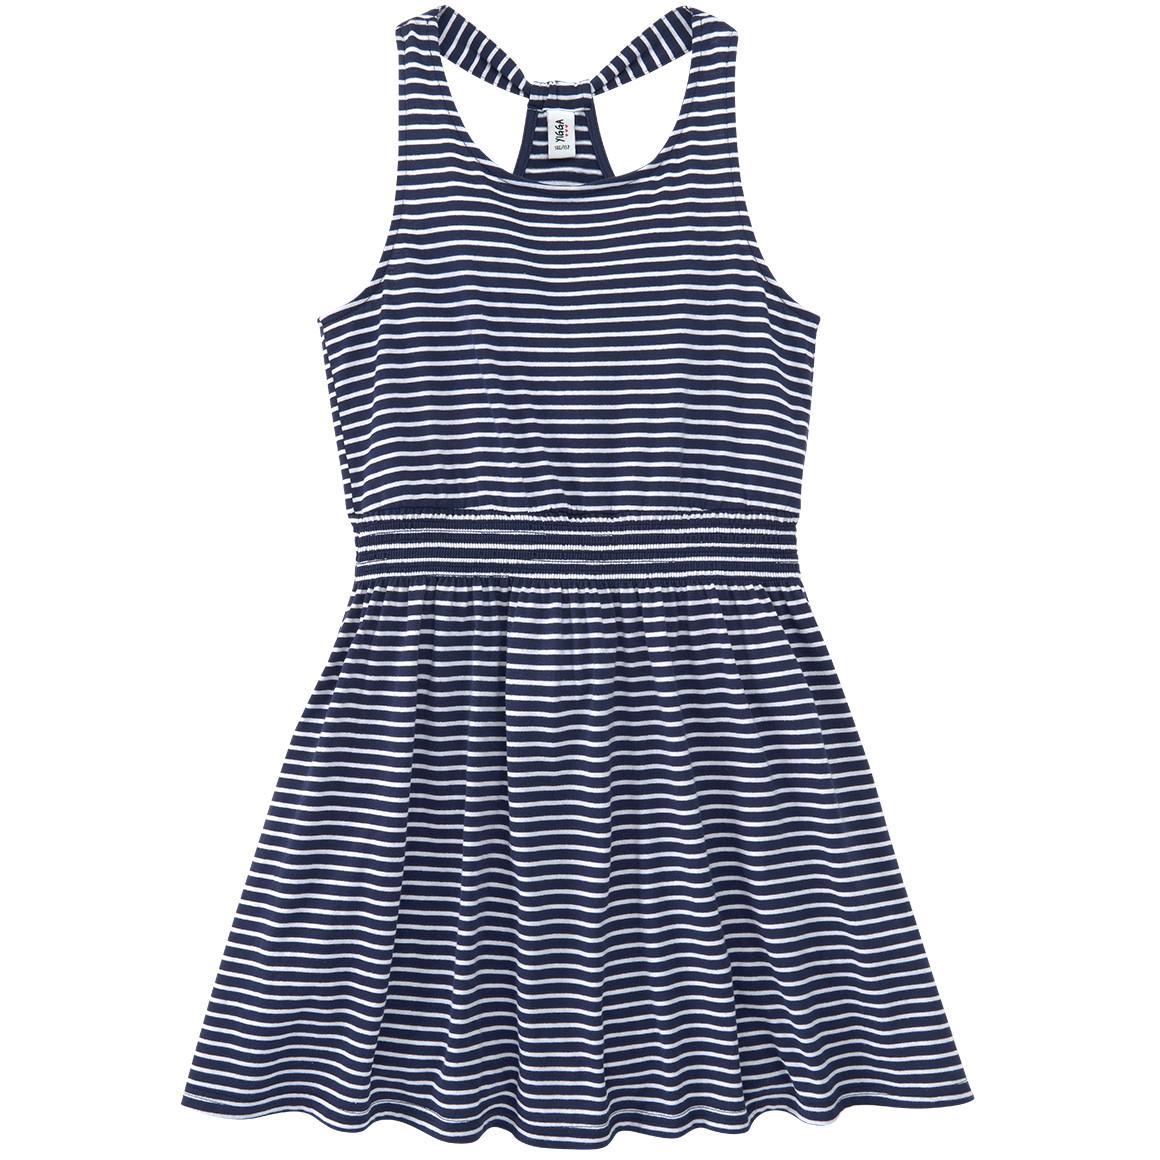 Mädchen Kleid im gestreiftem Dessin